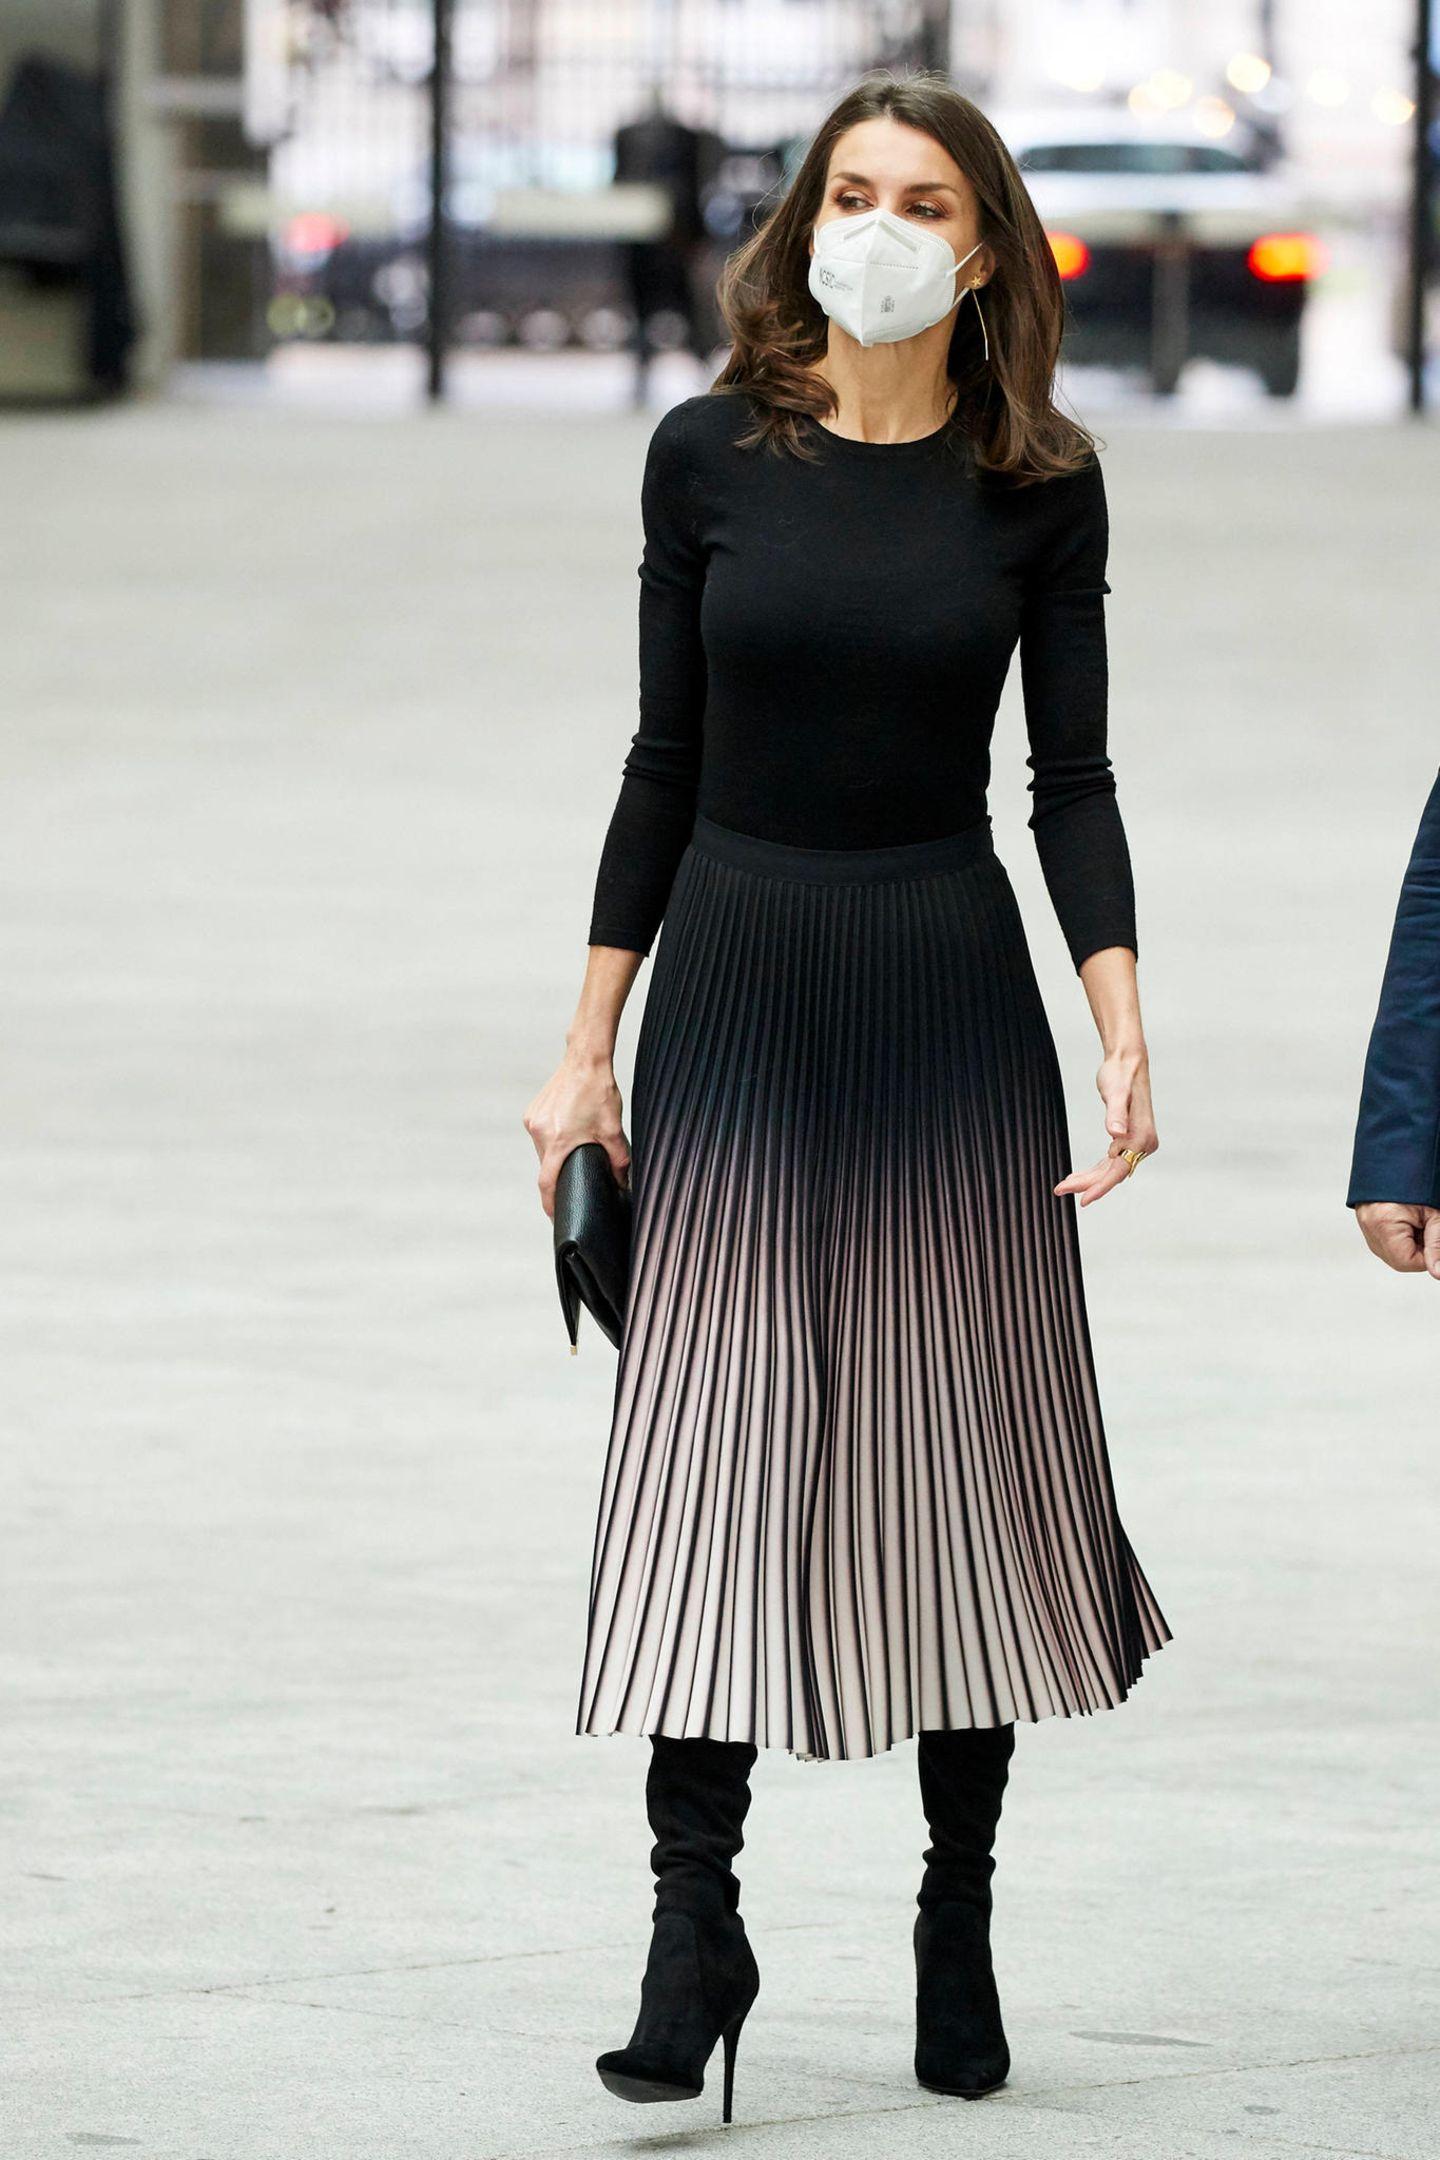 Königin Letizia ist ein echter Fashion-Profi und weiß, wie sie einen schlichten Look zum Hingucker macht. Für die Verleihung der Journalismuspreise APMin Madrid greift die spanische Monarchin zu einem schlichten Basic-Shirt und kombiniert dieses mit einem tollem Plisseerock mit Farbverlauf (von Reiss). Besonderer Hingucker:Die schwarzen Overkneestiefel von Steve Madden.